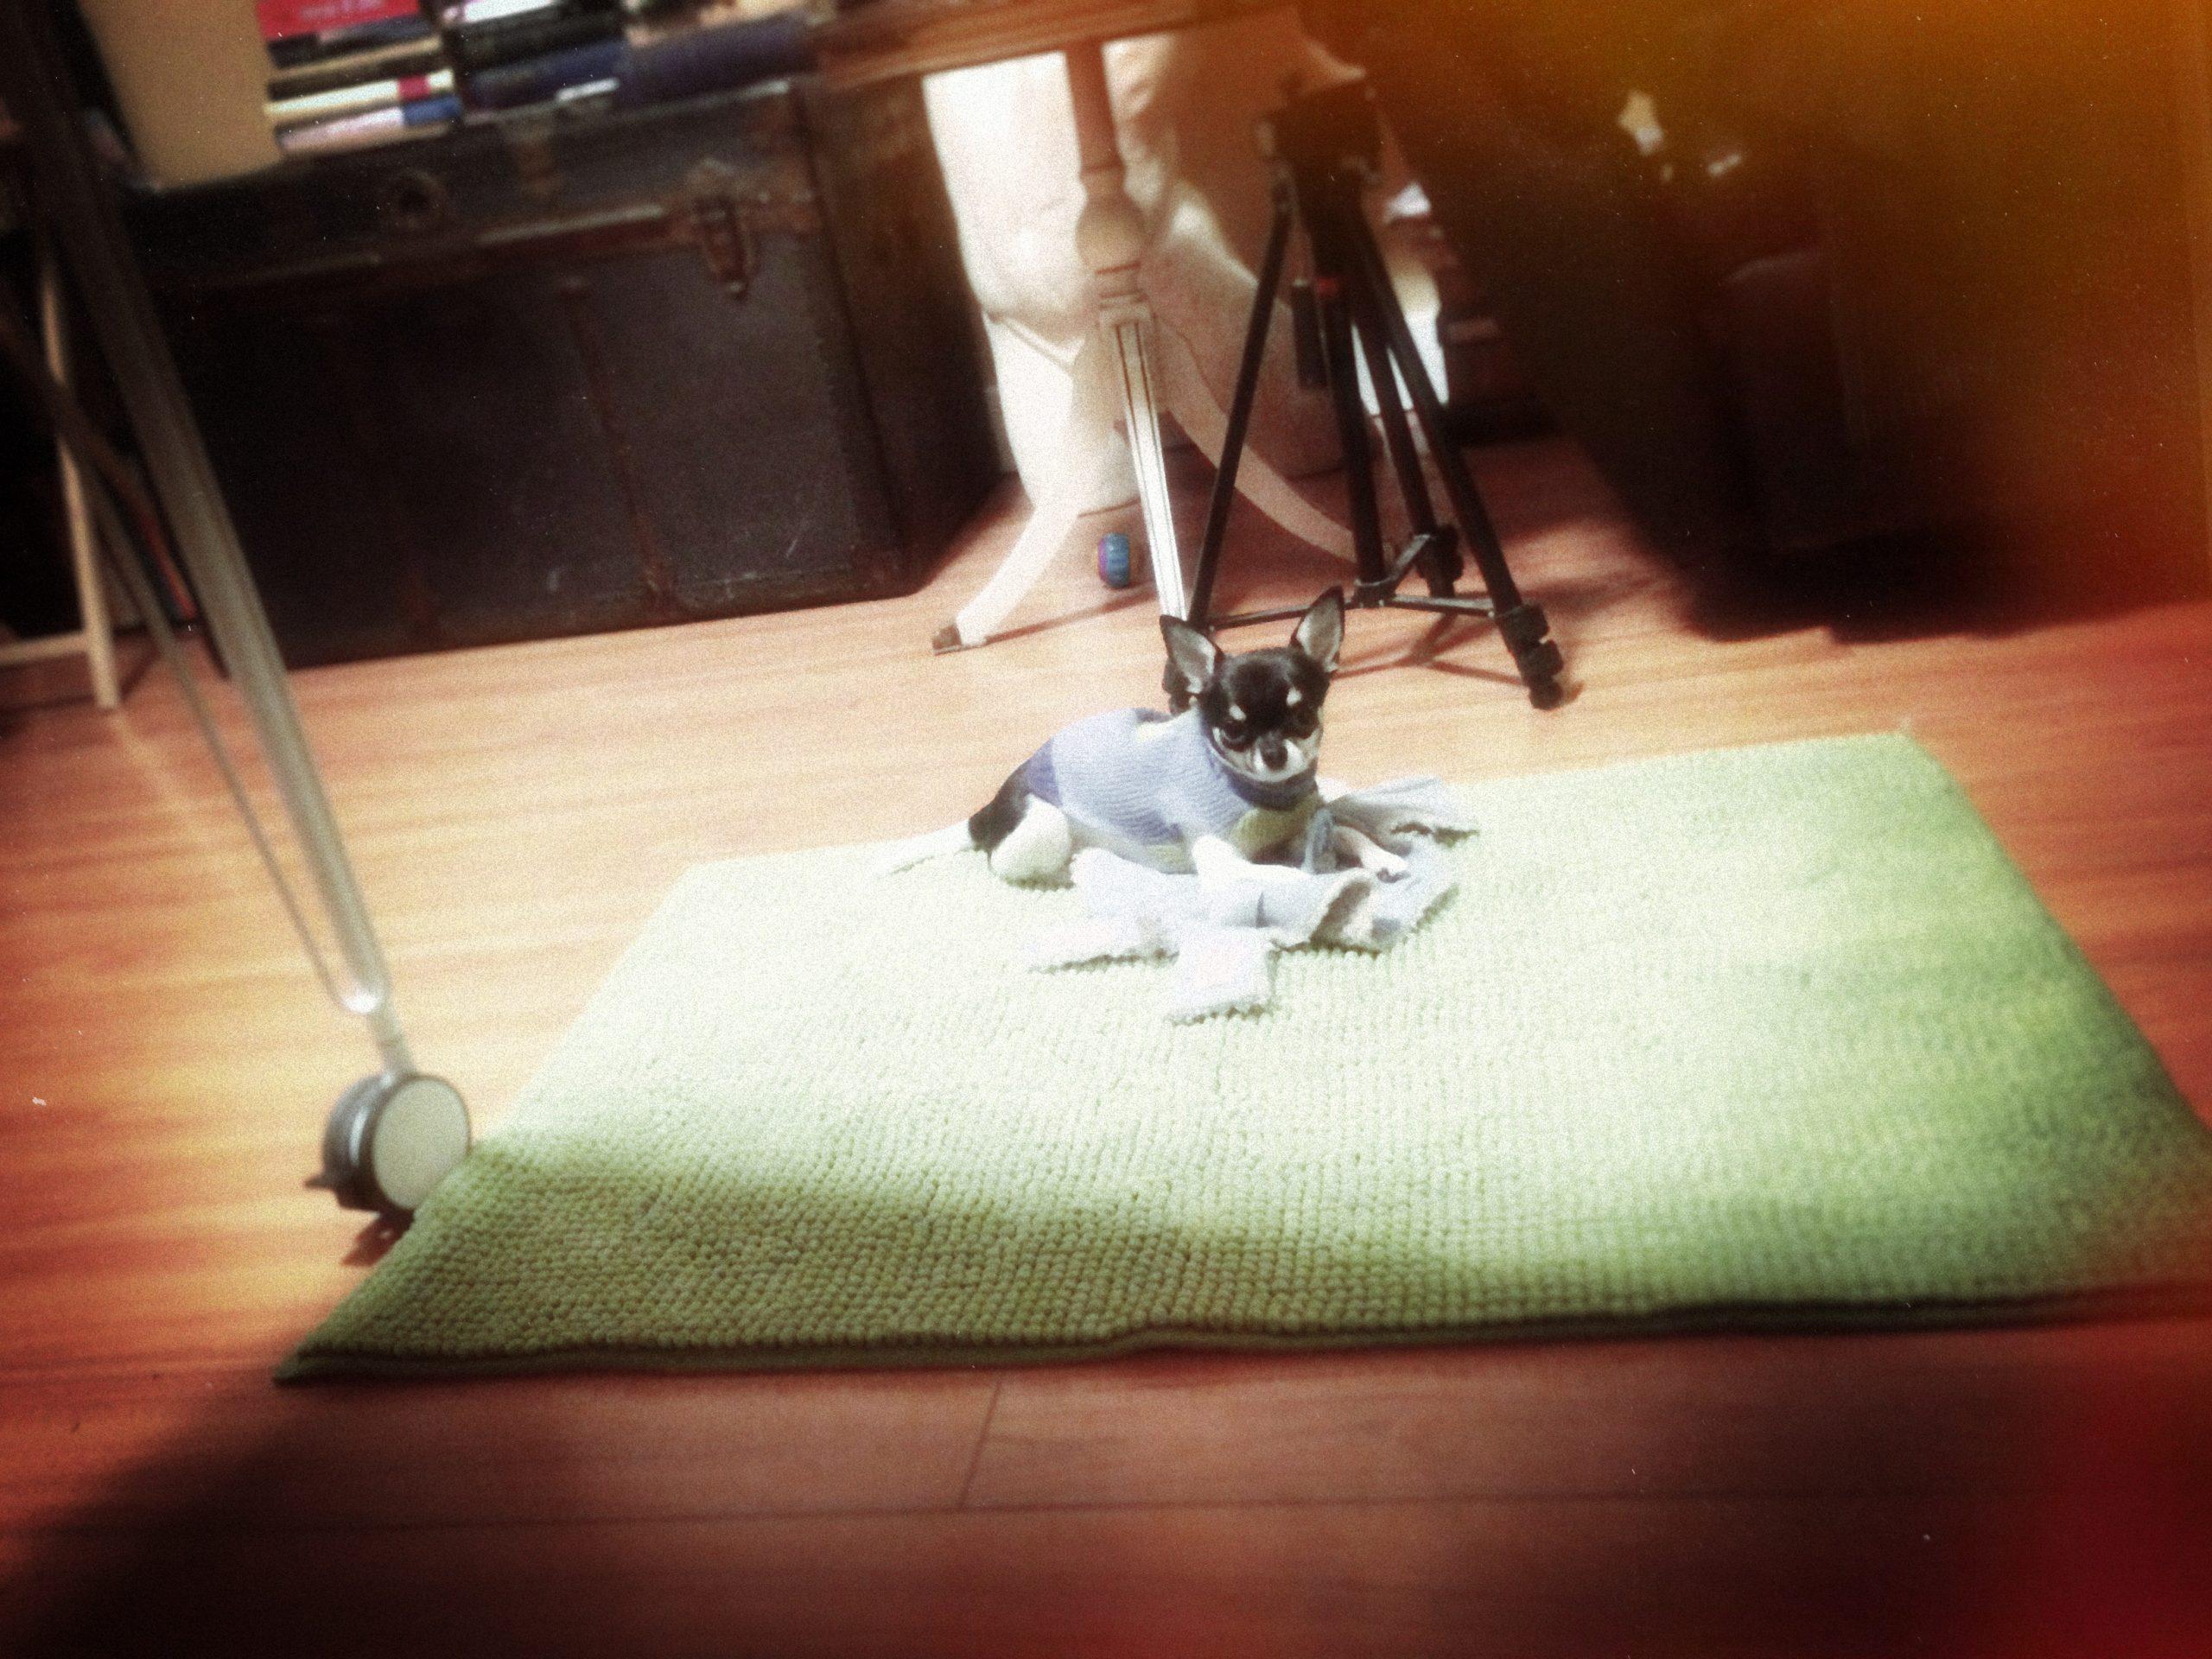 Smidge on new Carpet!